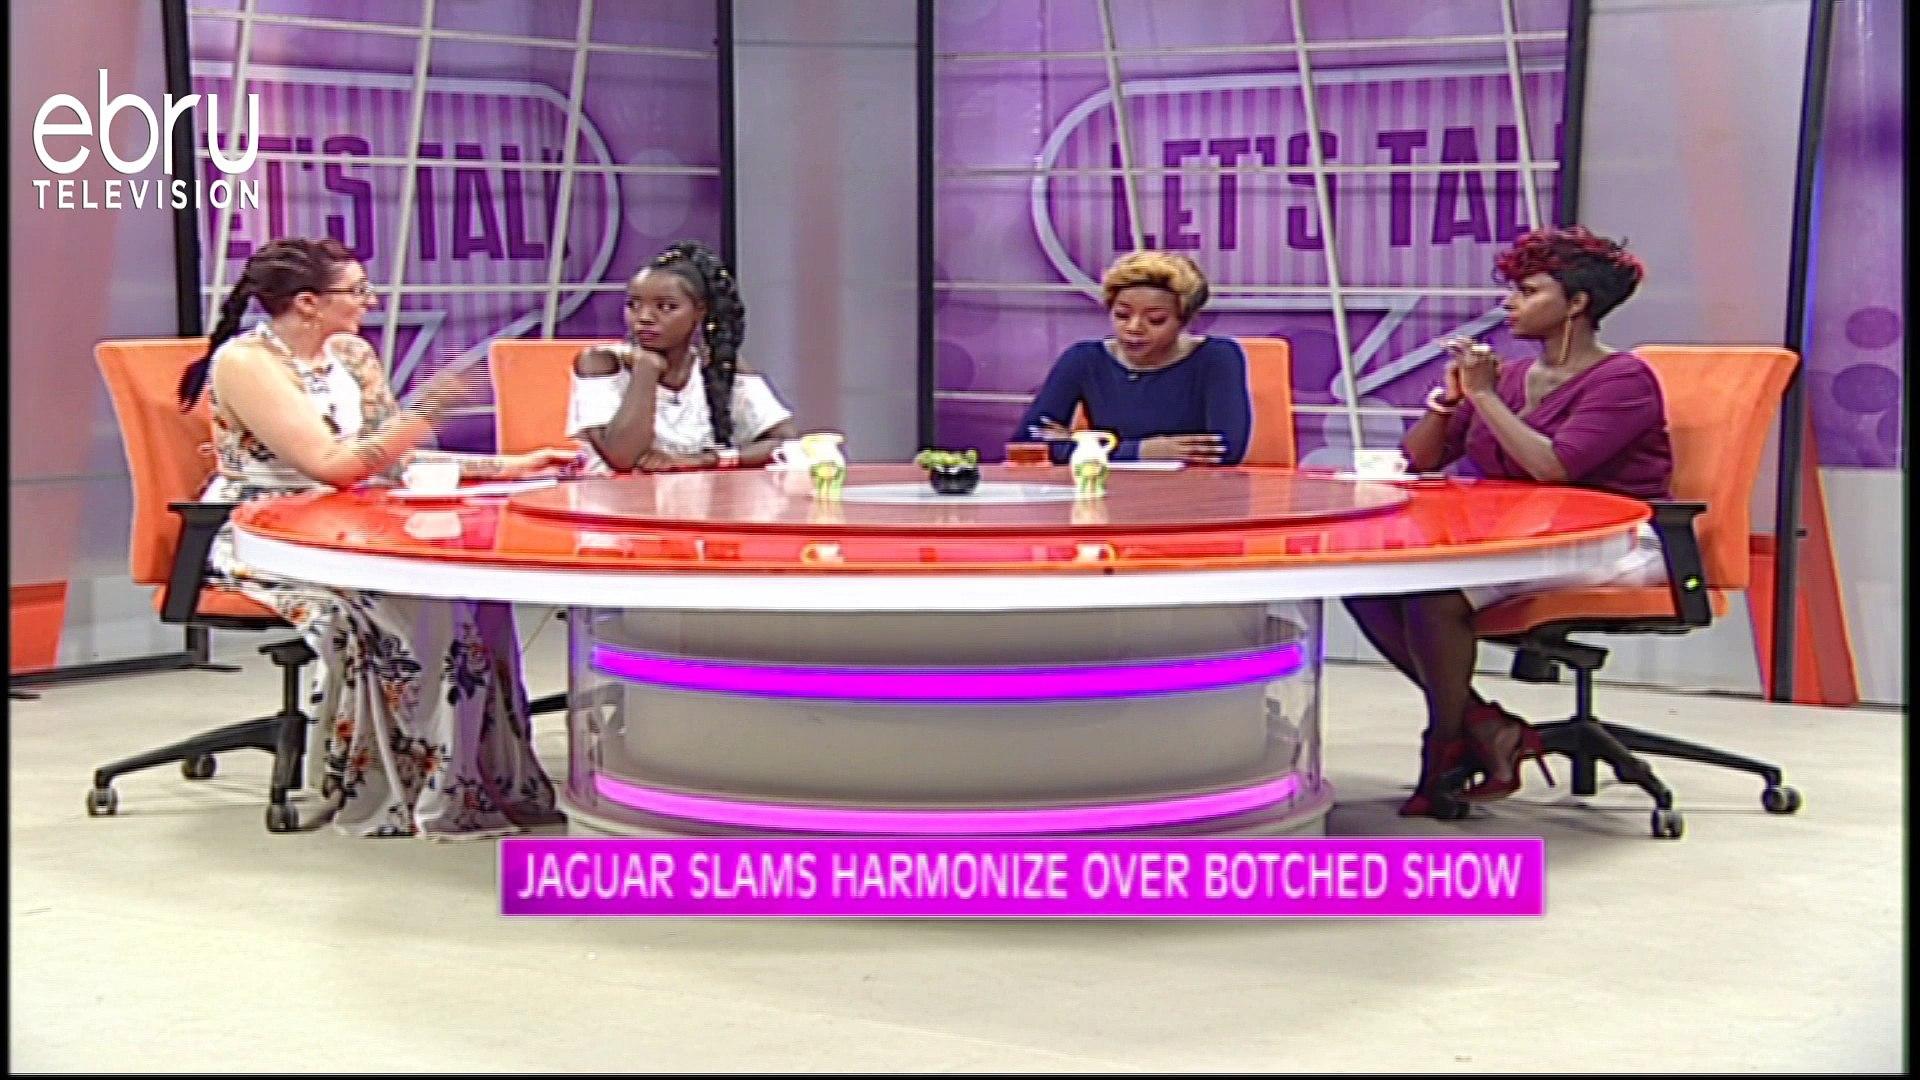 Jaguar Slams Harmonize Over Botched Eldoret Show